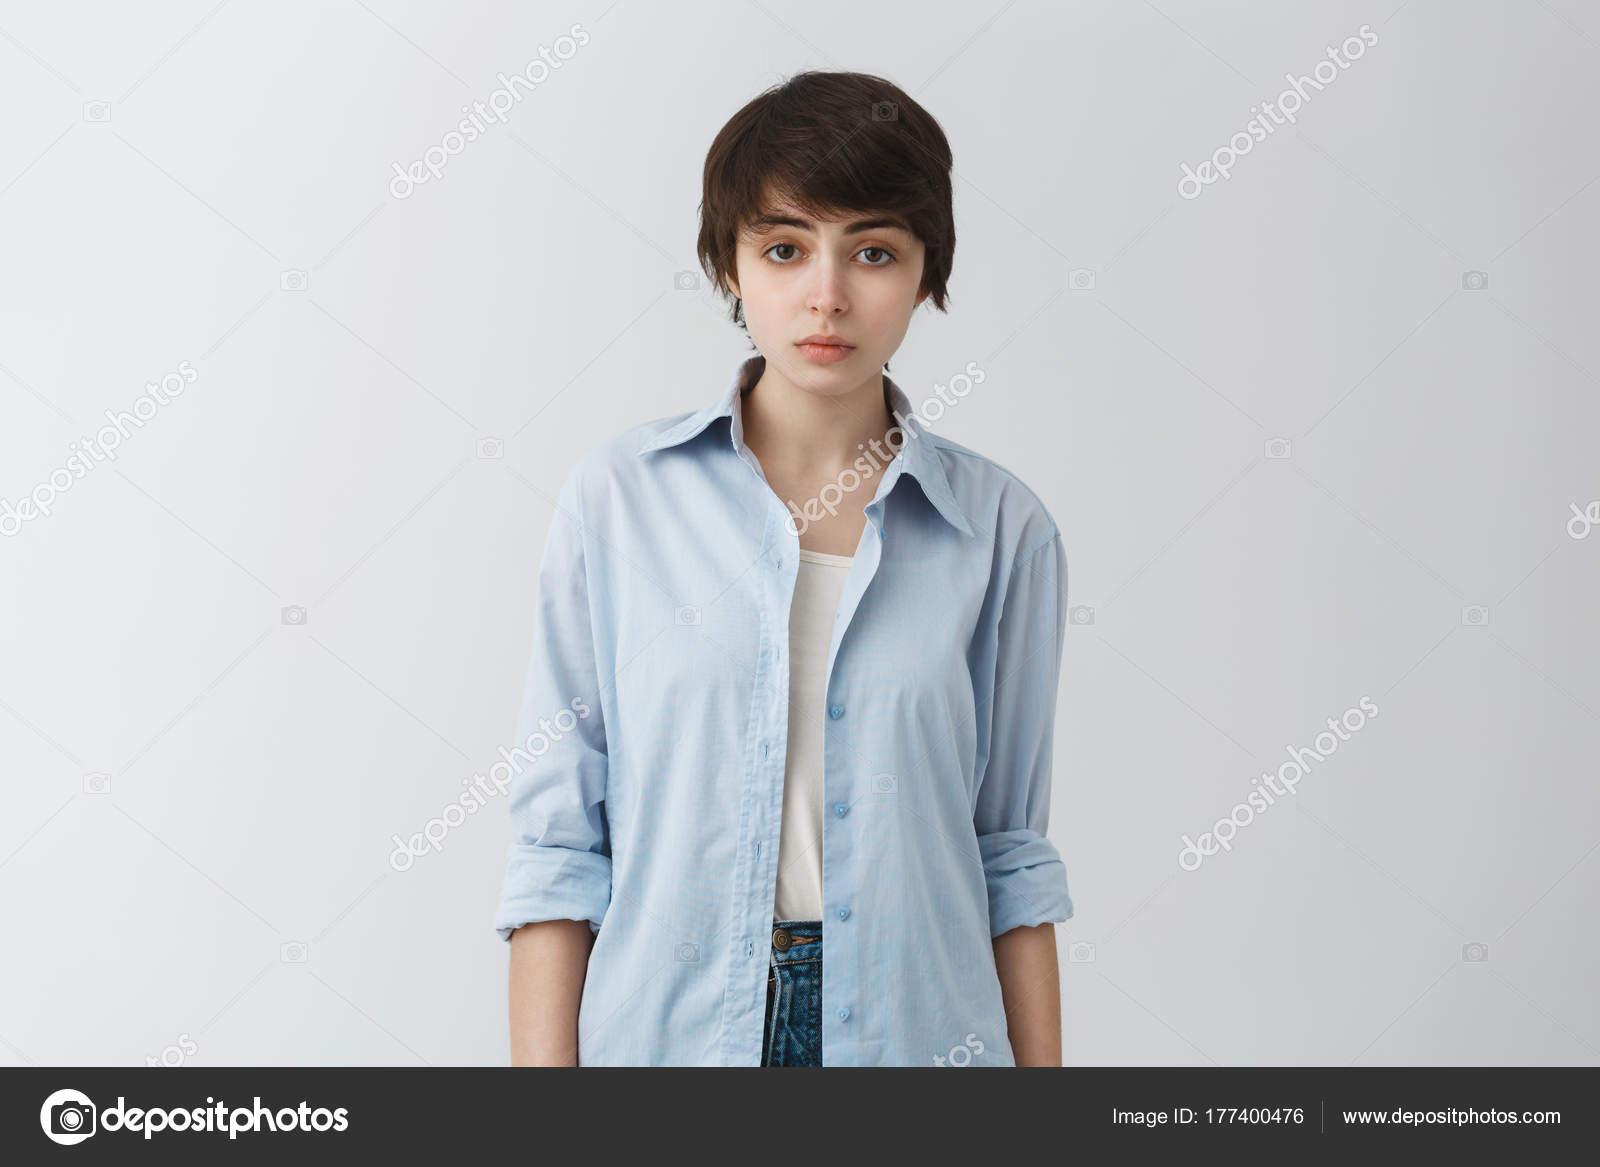 κοκκινομάλλα κορίτσια σκατά χαριτωμένος έφηβος μουνί